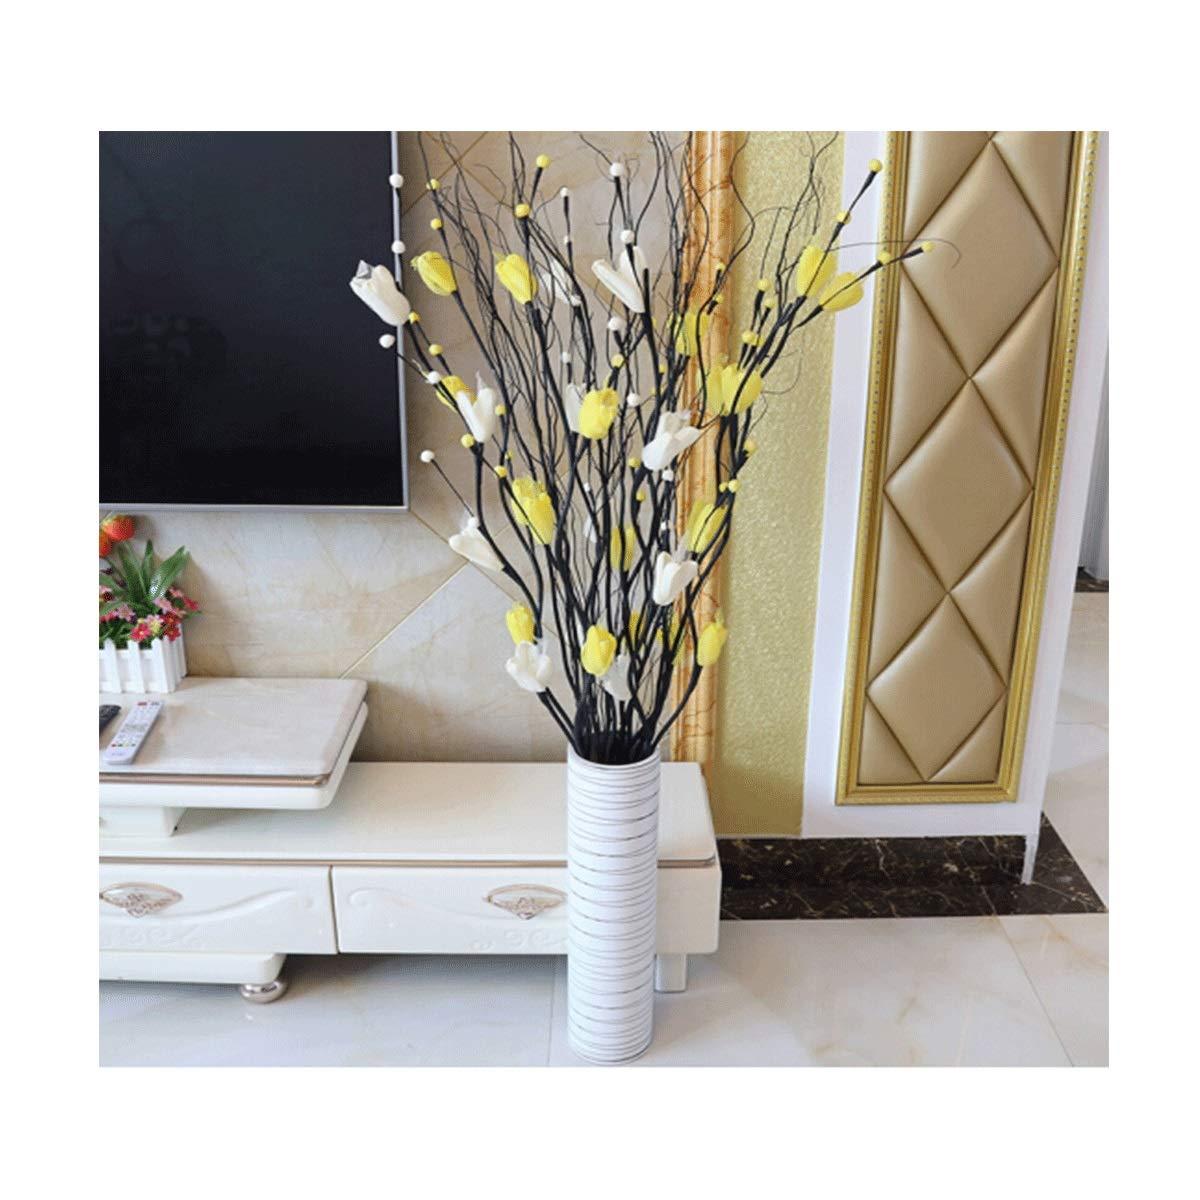 8HAOWENJU シミュレーションフラワーリビングルームの装飾フラワーフロアフラワーアレンジメント静脈フラワーブーケ屋内装飾家の装飾花セット(2選択) (Color : Yellow) B07T4XVPXY Yellow